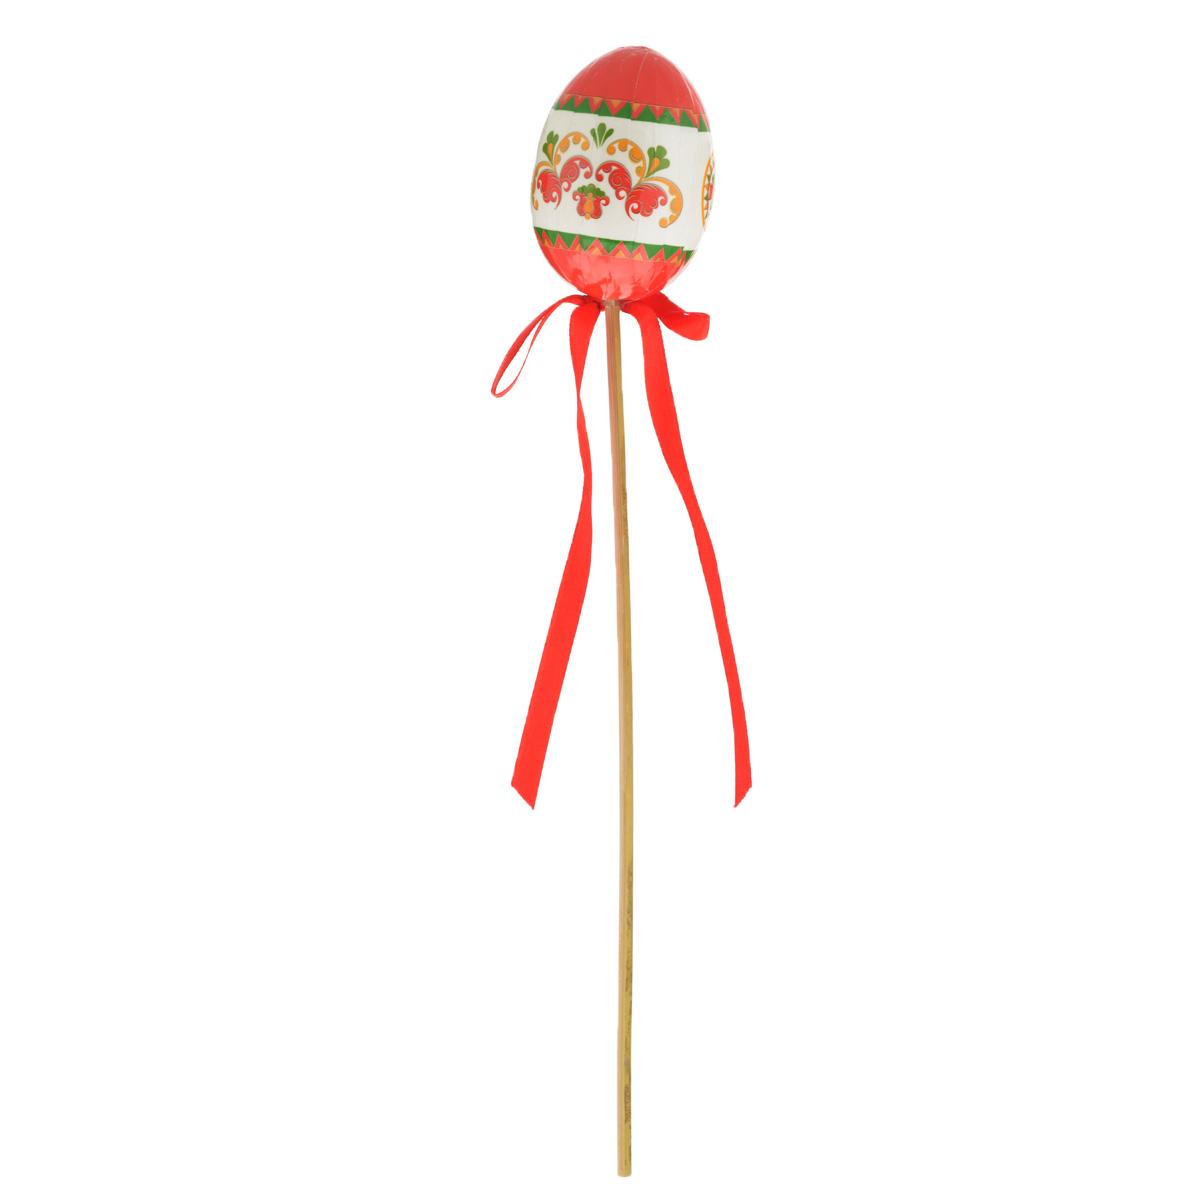 Декоративное пасхальное украшение на ножке Home Queen Народные промыслы, цвет: красный, высота 26 см66754_2Украшение пасхальное Home Queen Народные промыслы изготовлено из высококачественного пластика и предназначено для украшения праздничного стола. Украшение выполнено в виде яйца на деревянной шпажке и украшено текстильным бантом. Такое украшение прекрасно дополнит подарок для друзей и близких на Пасху. Высота: 26 см. Размер фигурки: 4 см х 4 см х 6 см.